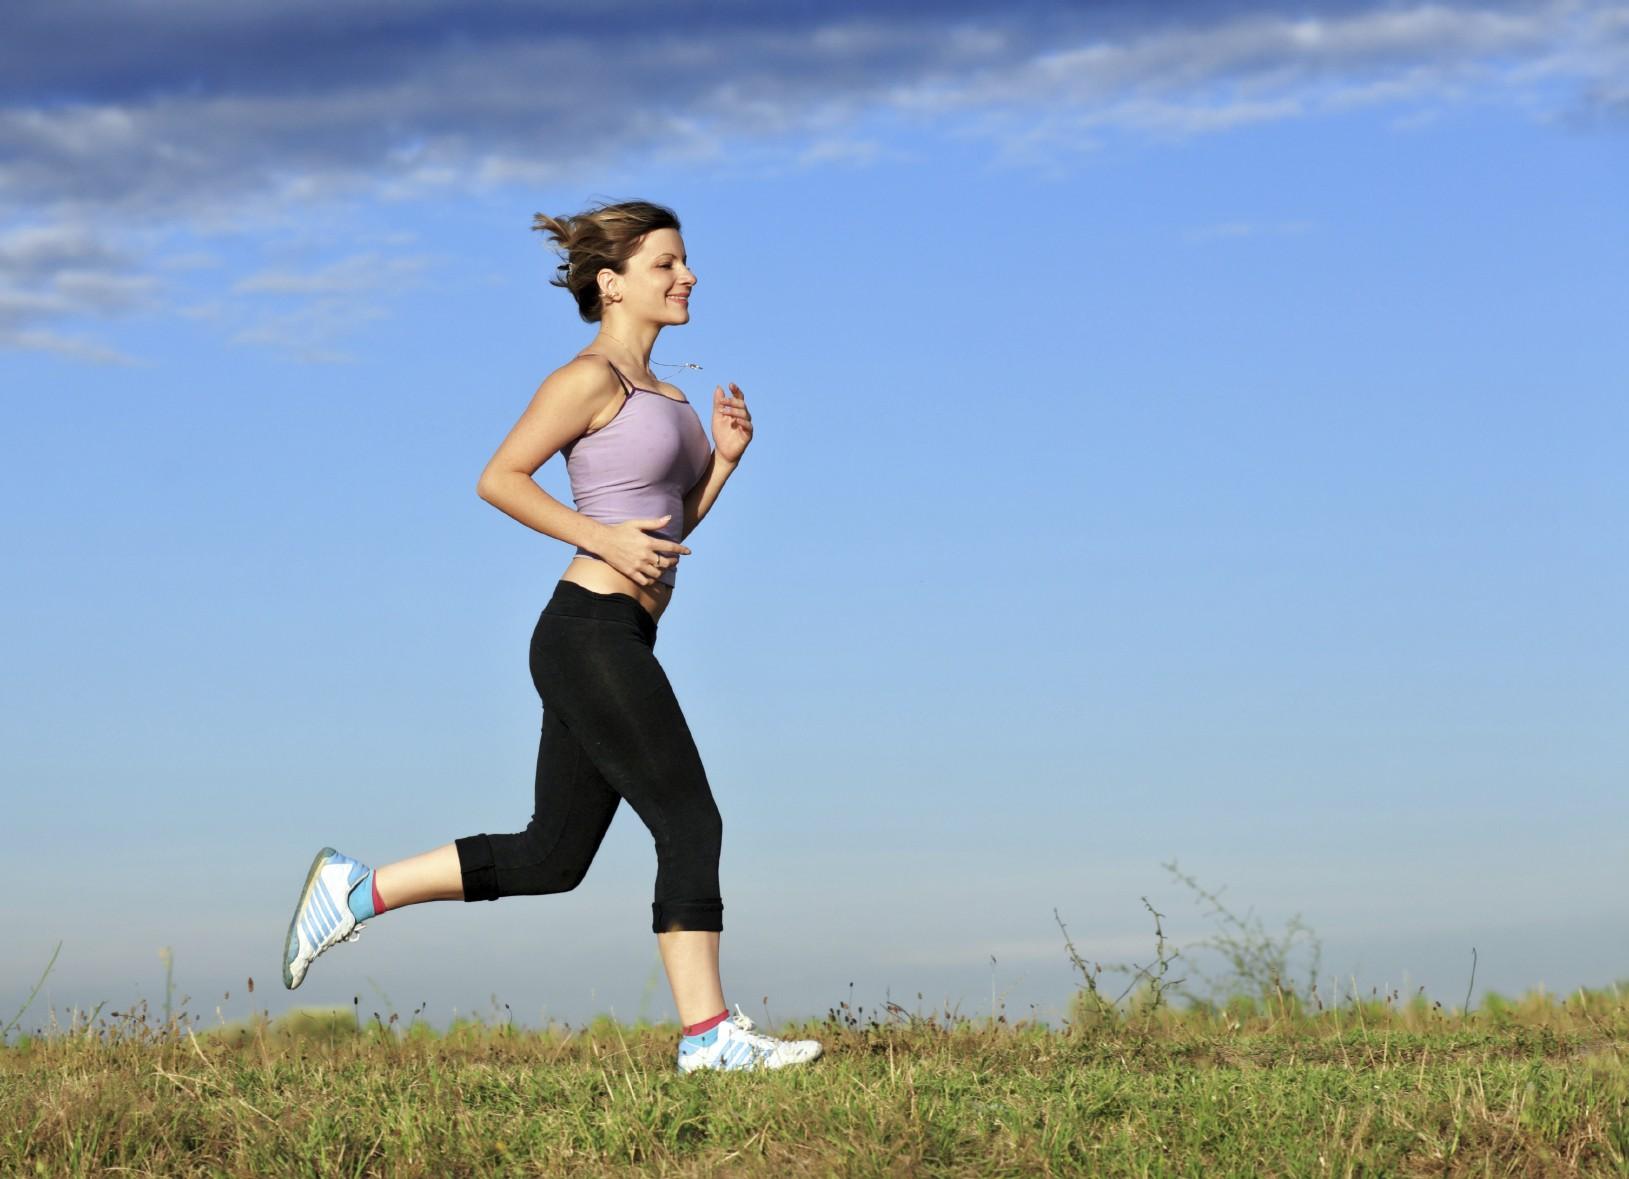 lehetséges-e 1 fokos magas vérnyomással sportolni